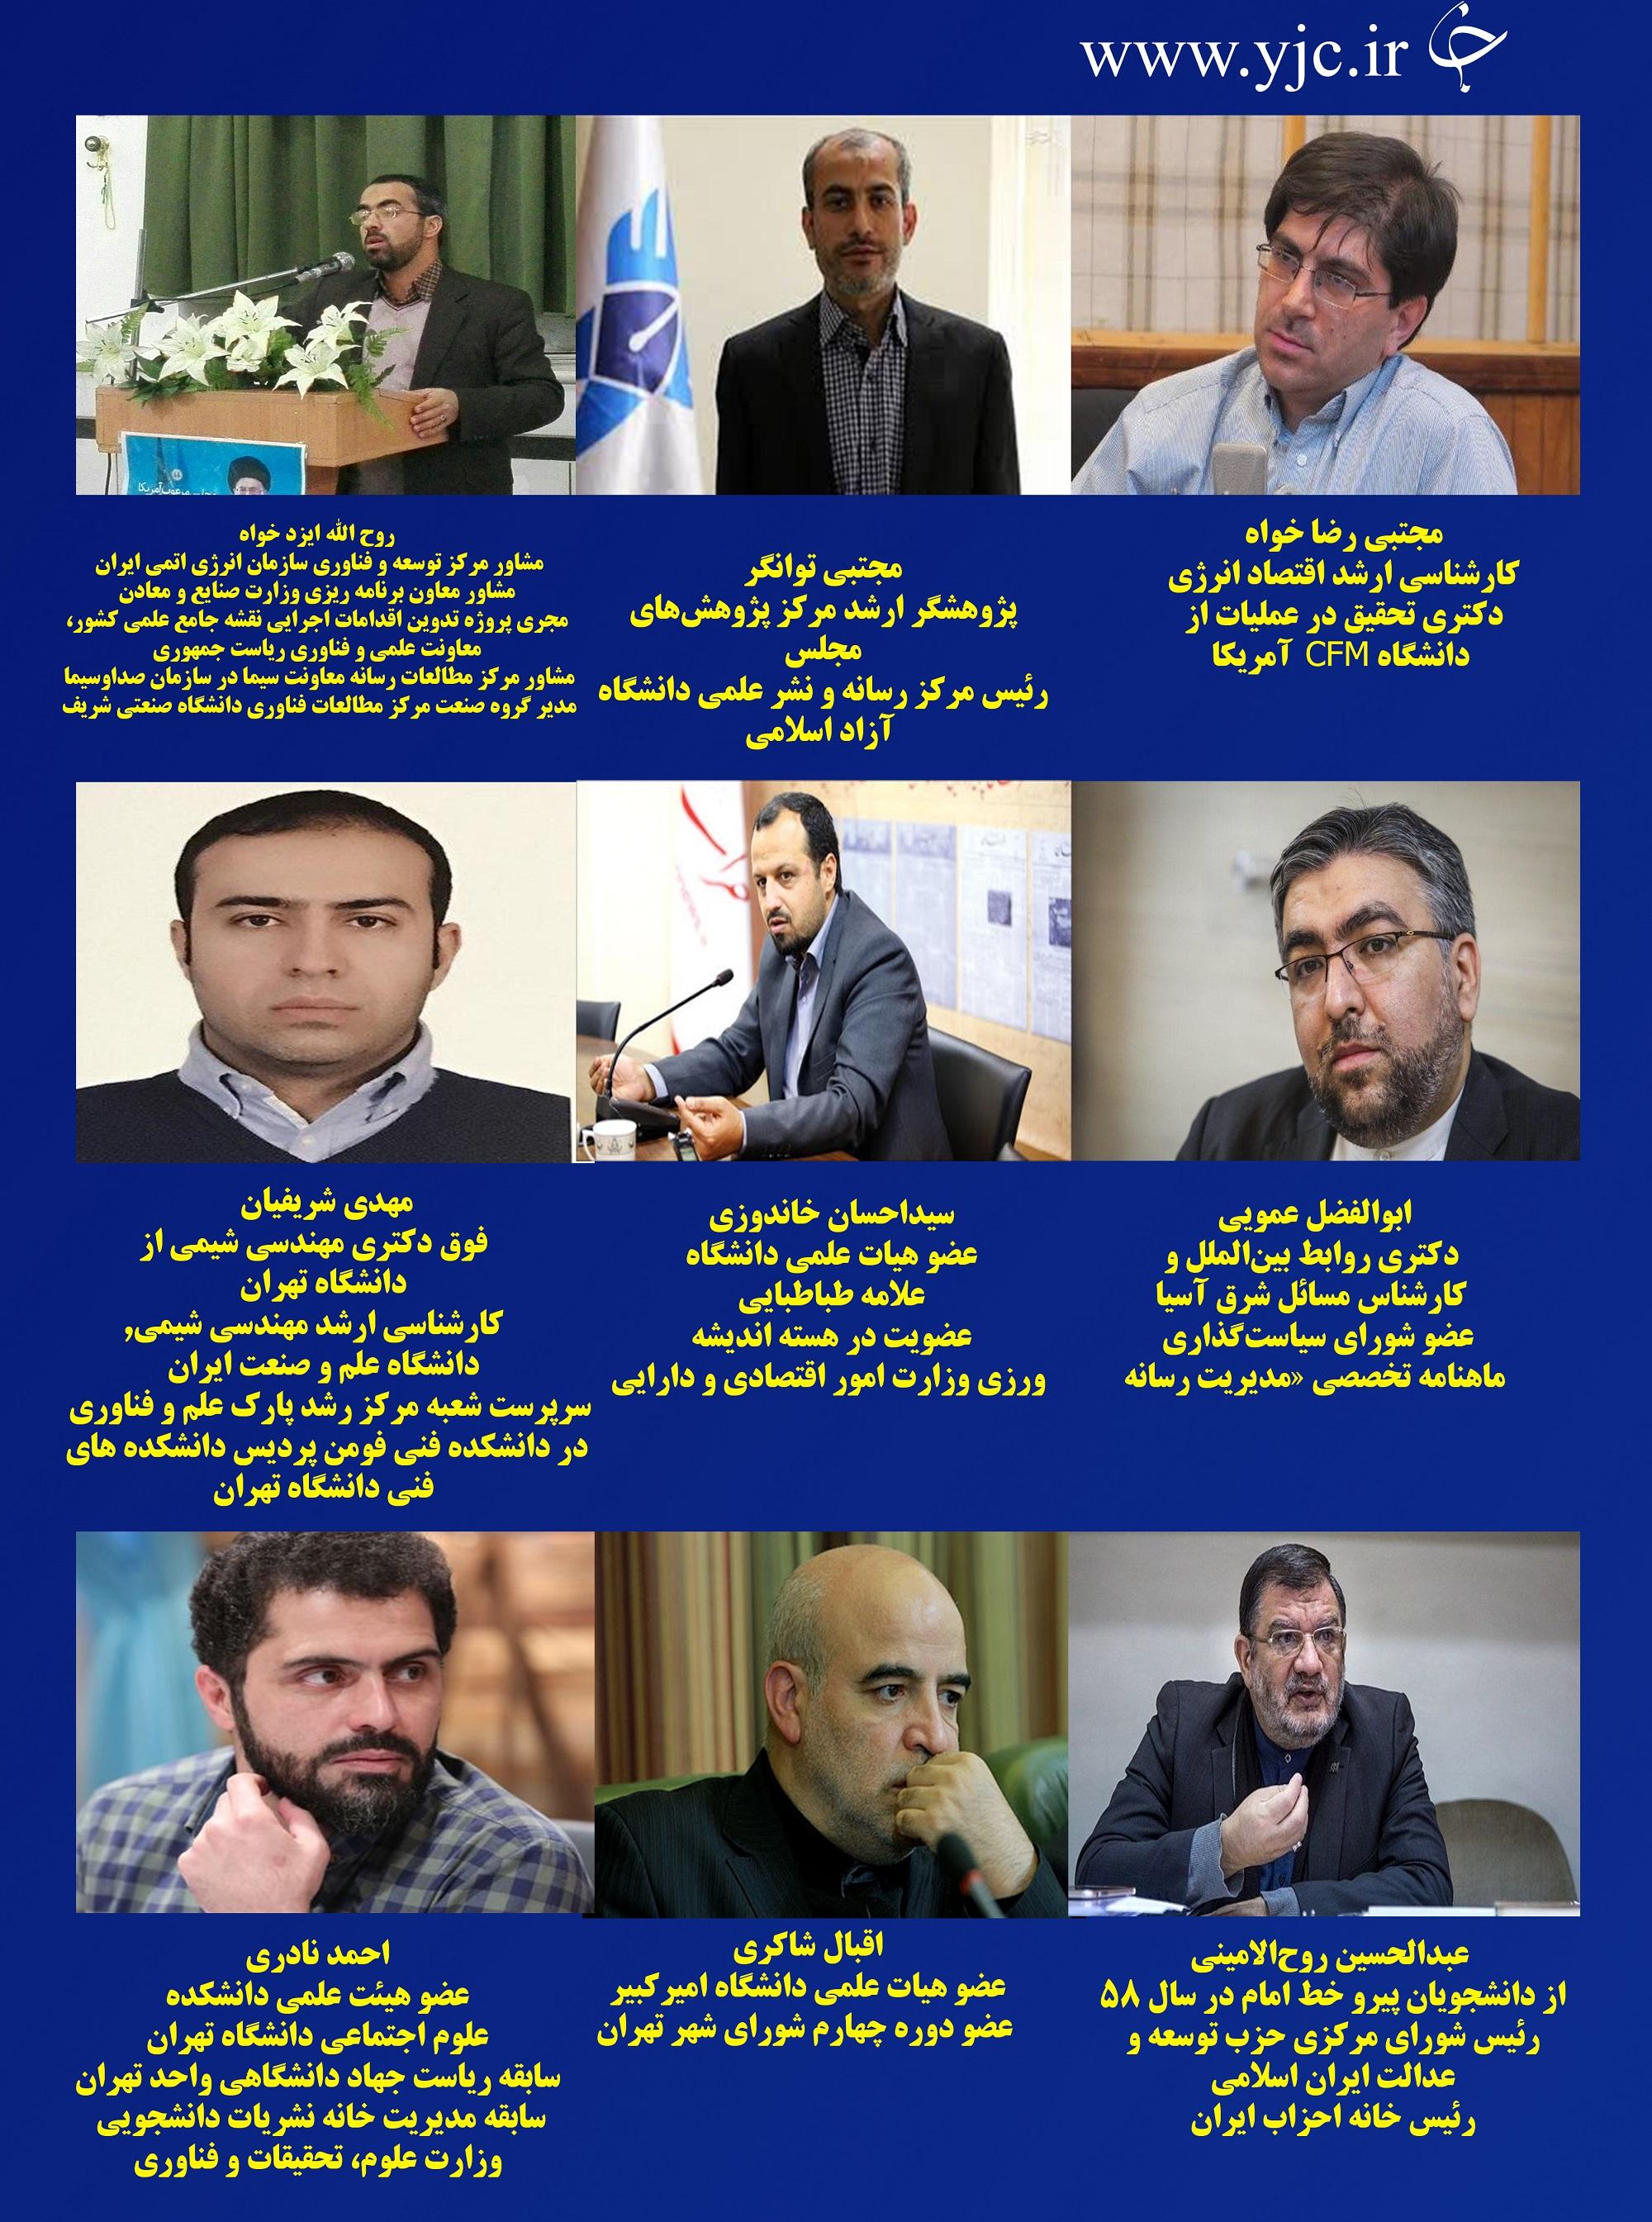 اینفوگرافی افراد شاخص لیست وحدت اصولگرایان و اصلاحطلبان - 7